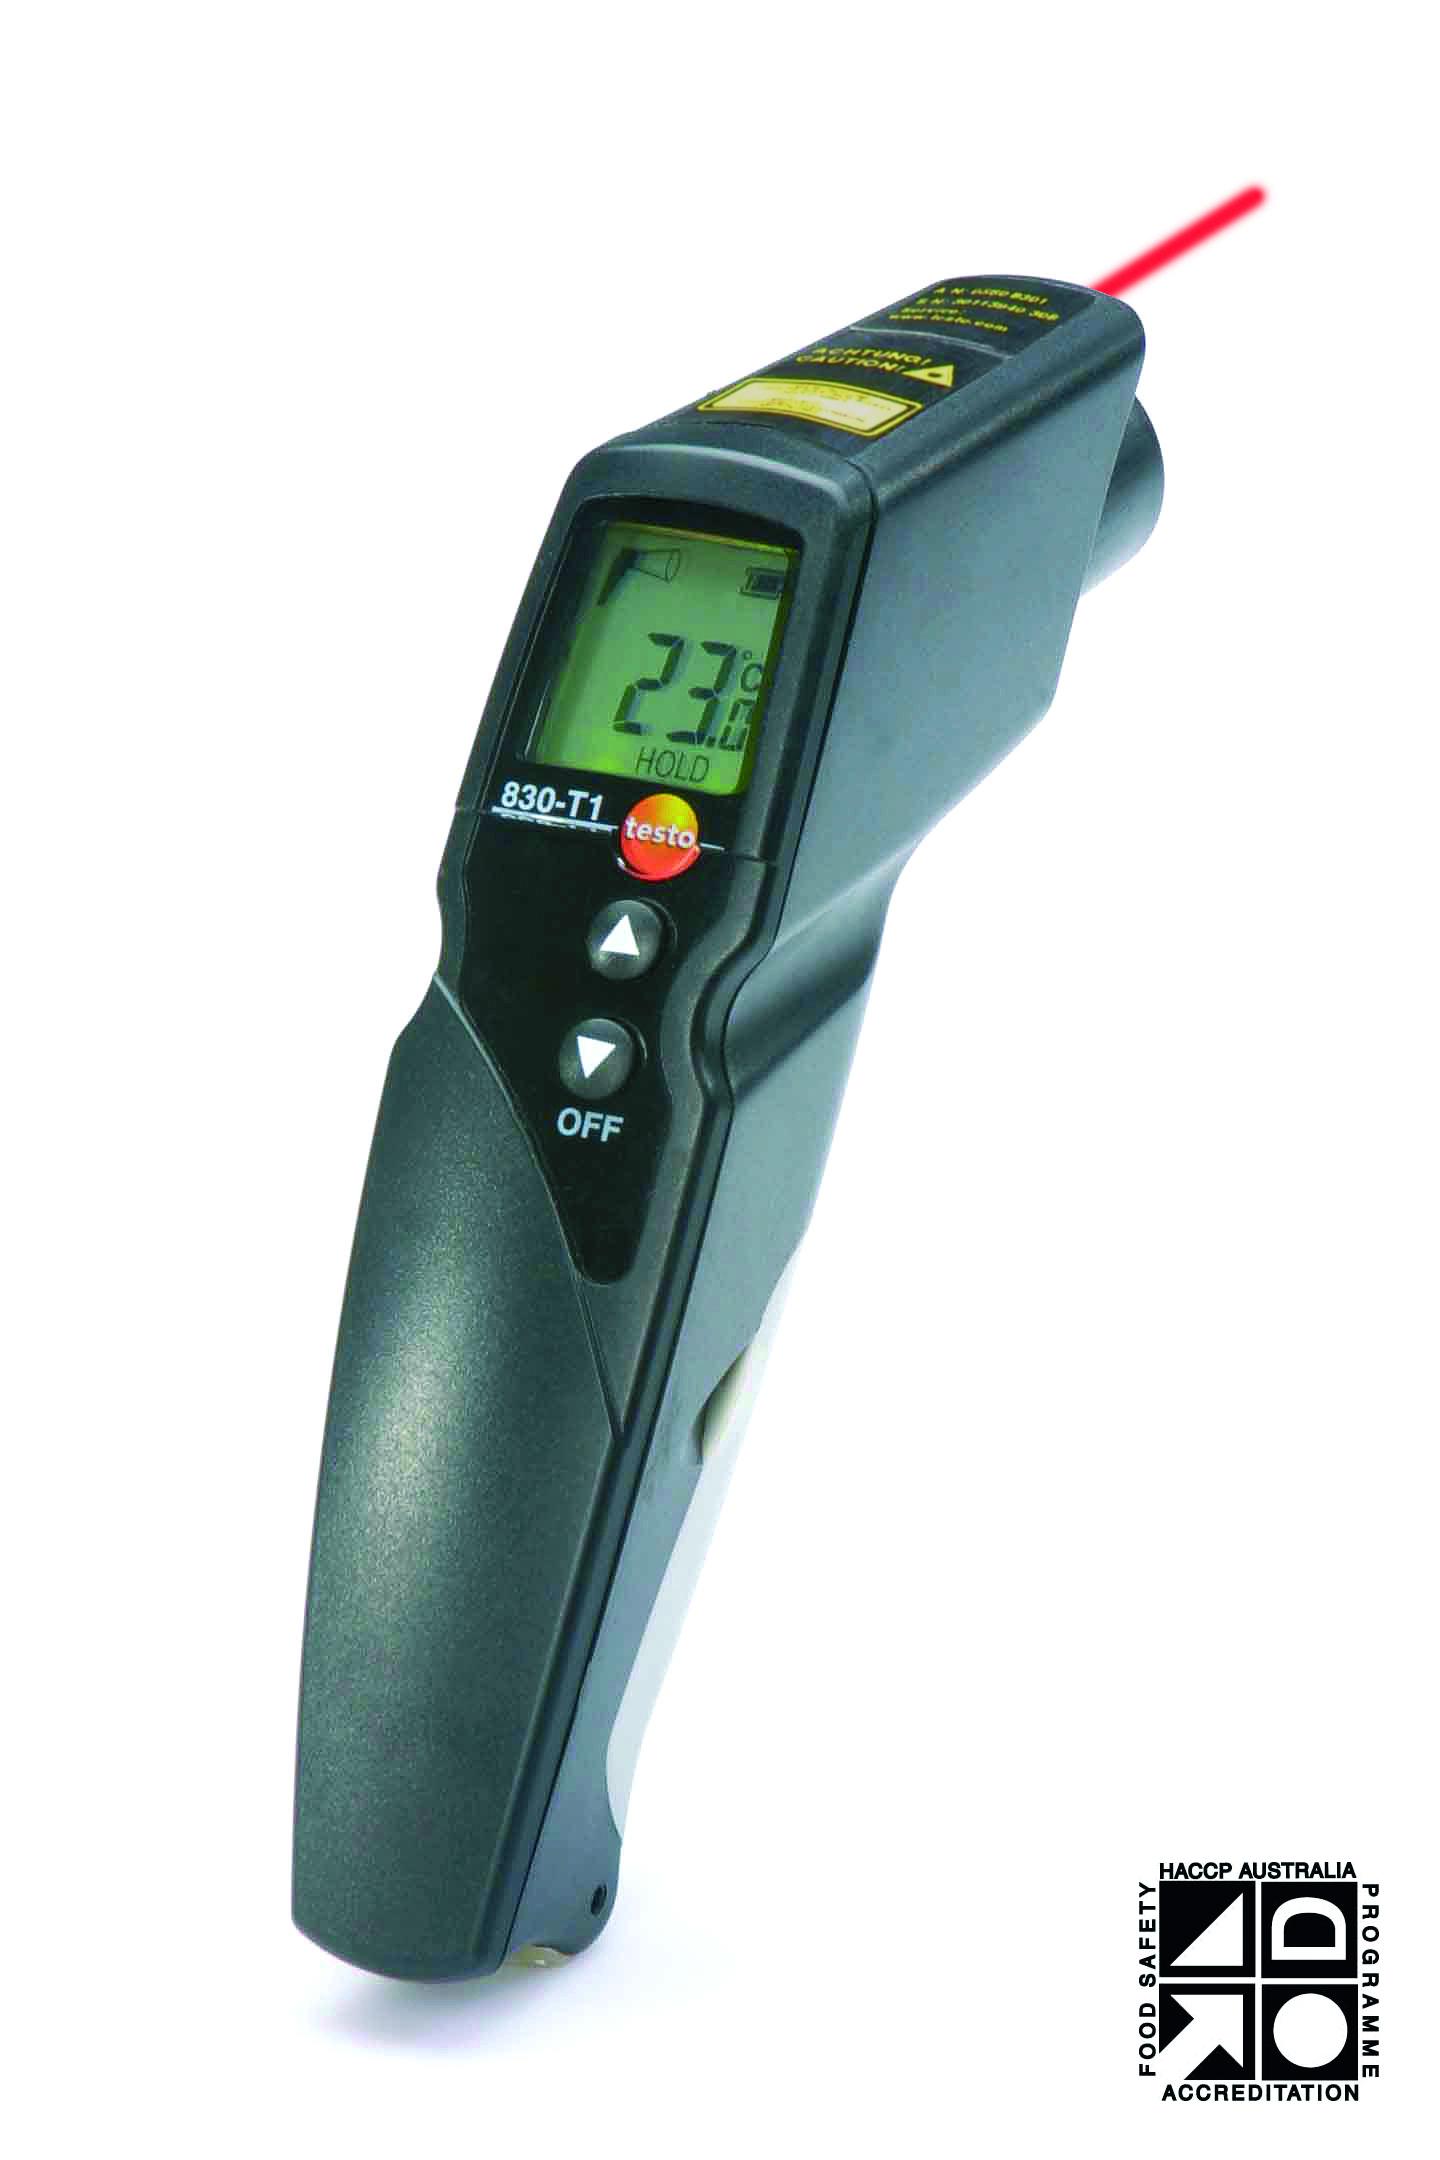 Thiết bị đo nhiệt bằng hồng ngoại T830-T1